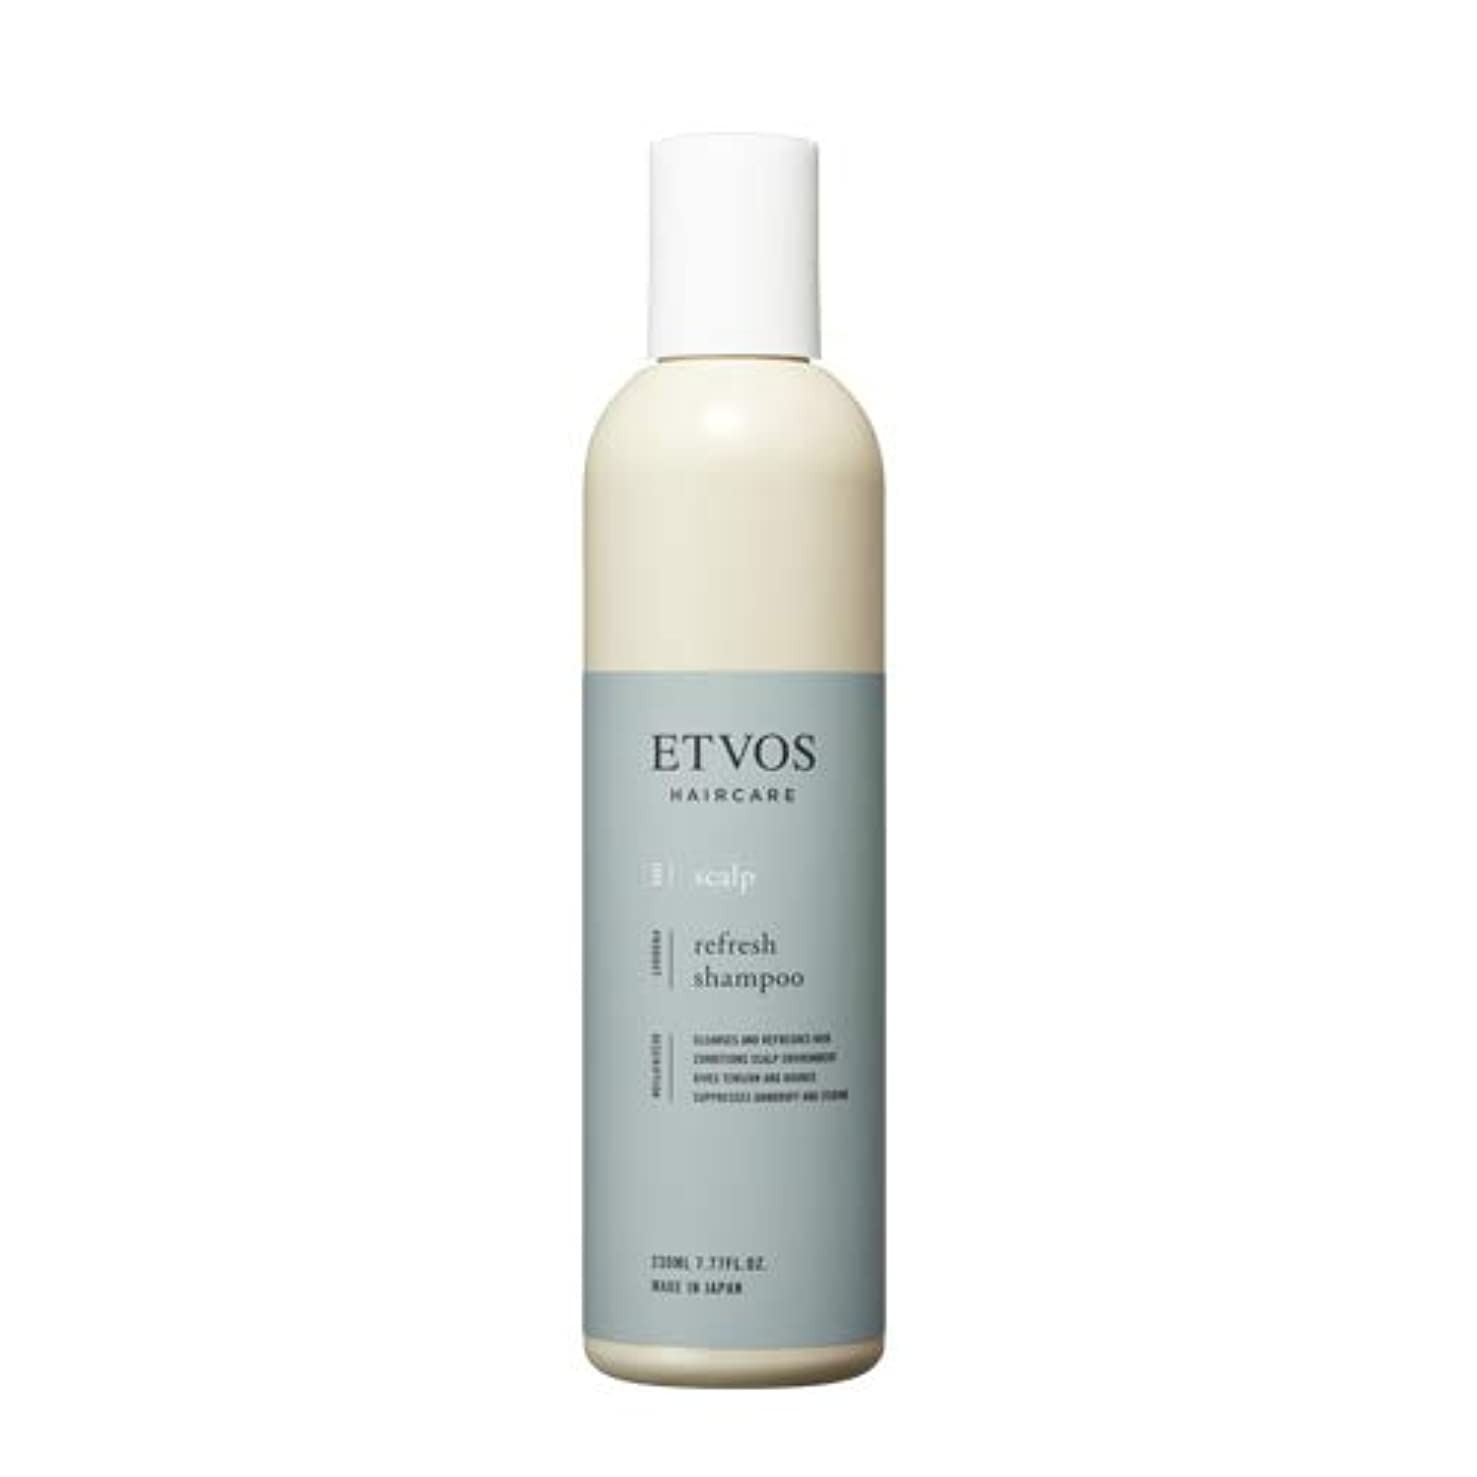 共役アークエキスETVOS(エトヴォス) リフレッシュシャンプー 230ml さっぱり ノンシリコン アミノ酸系 頭皮の臭い/ベタつき